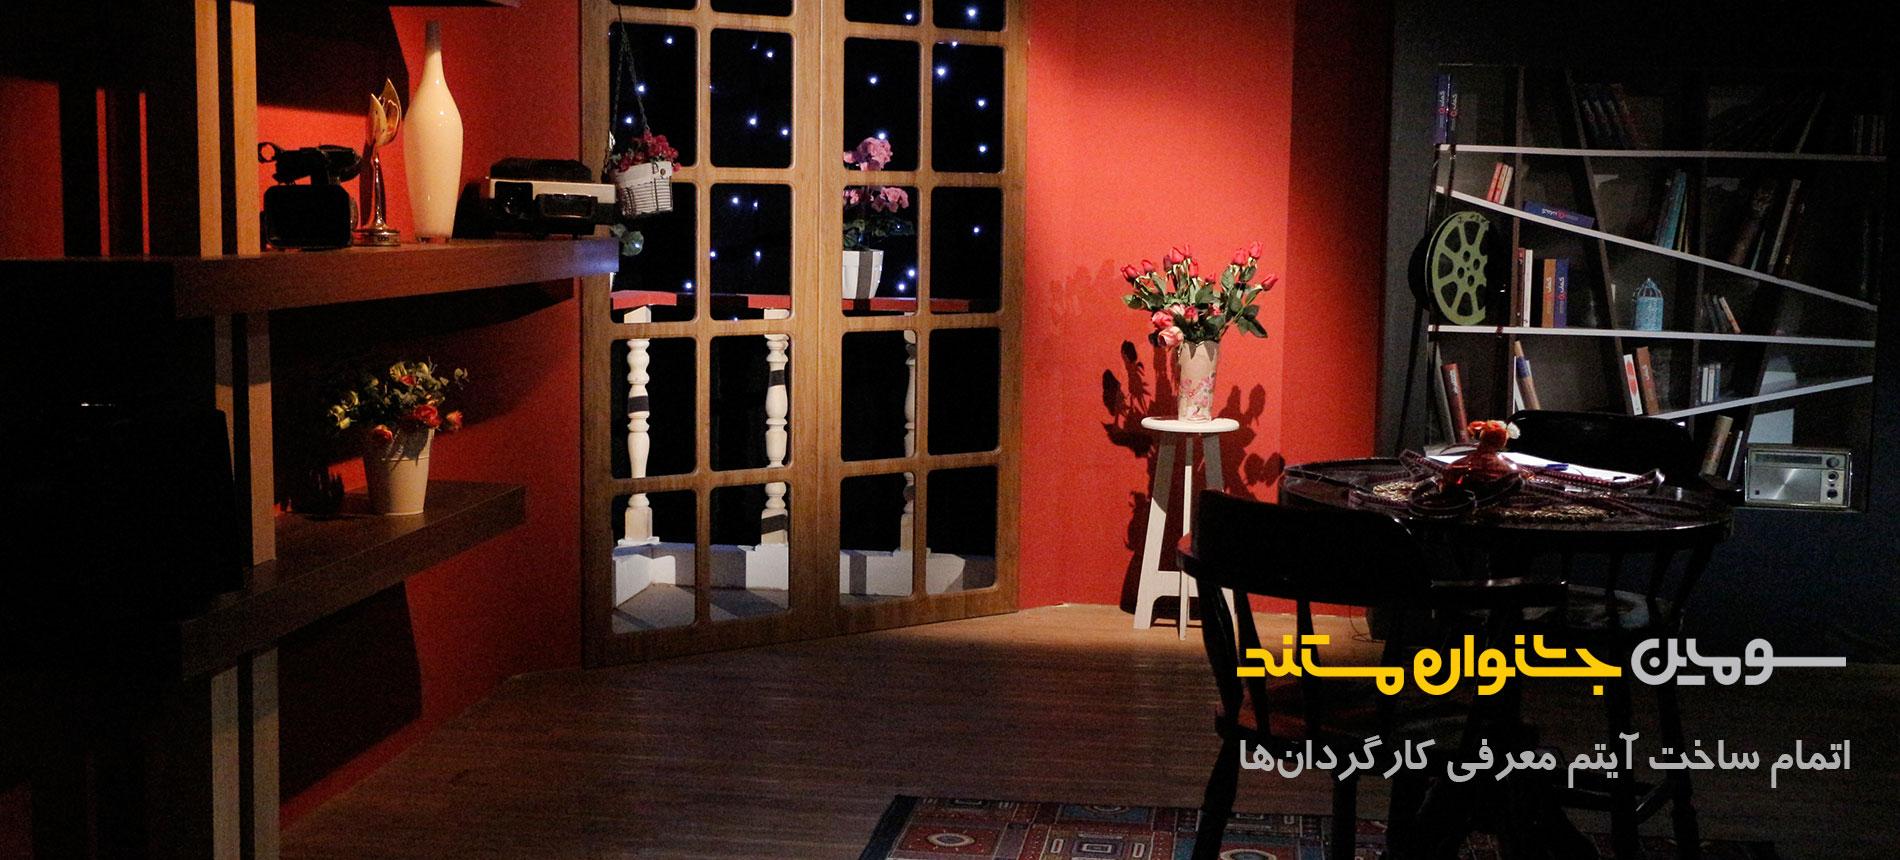 پایان ضبط آیتم های معرفی کارگردانان سومین جشنواره تلویزیونی مستند